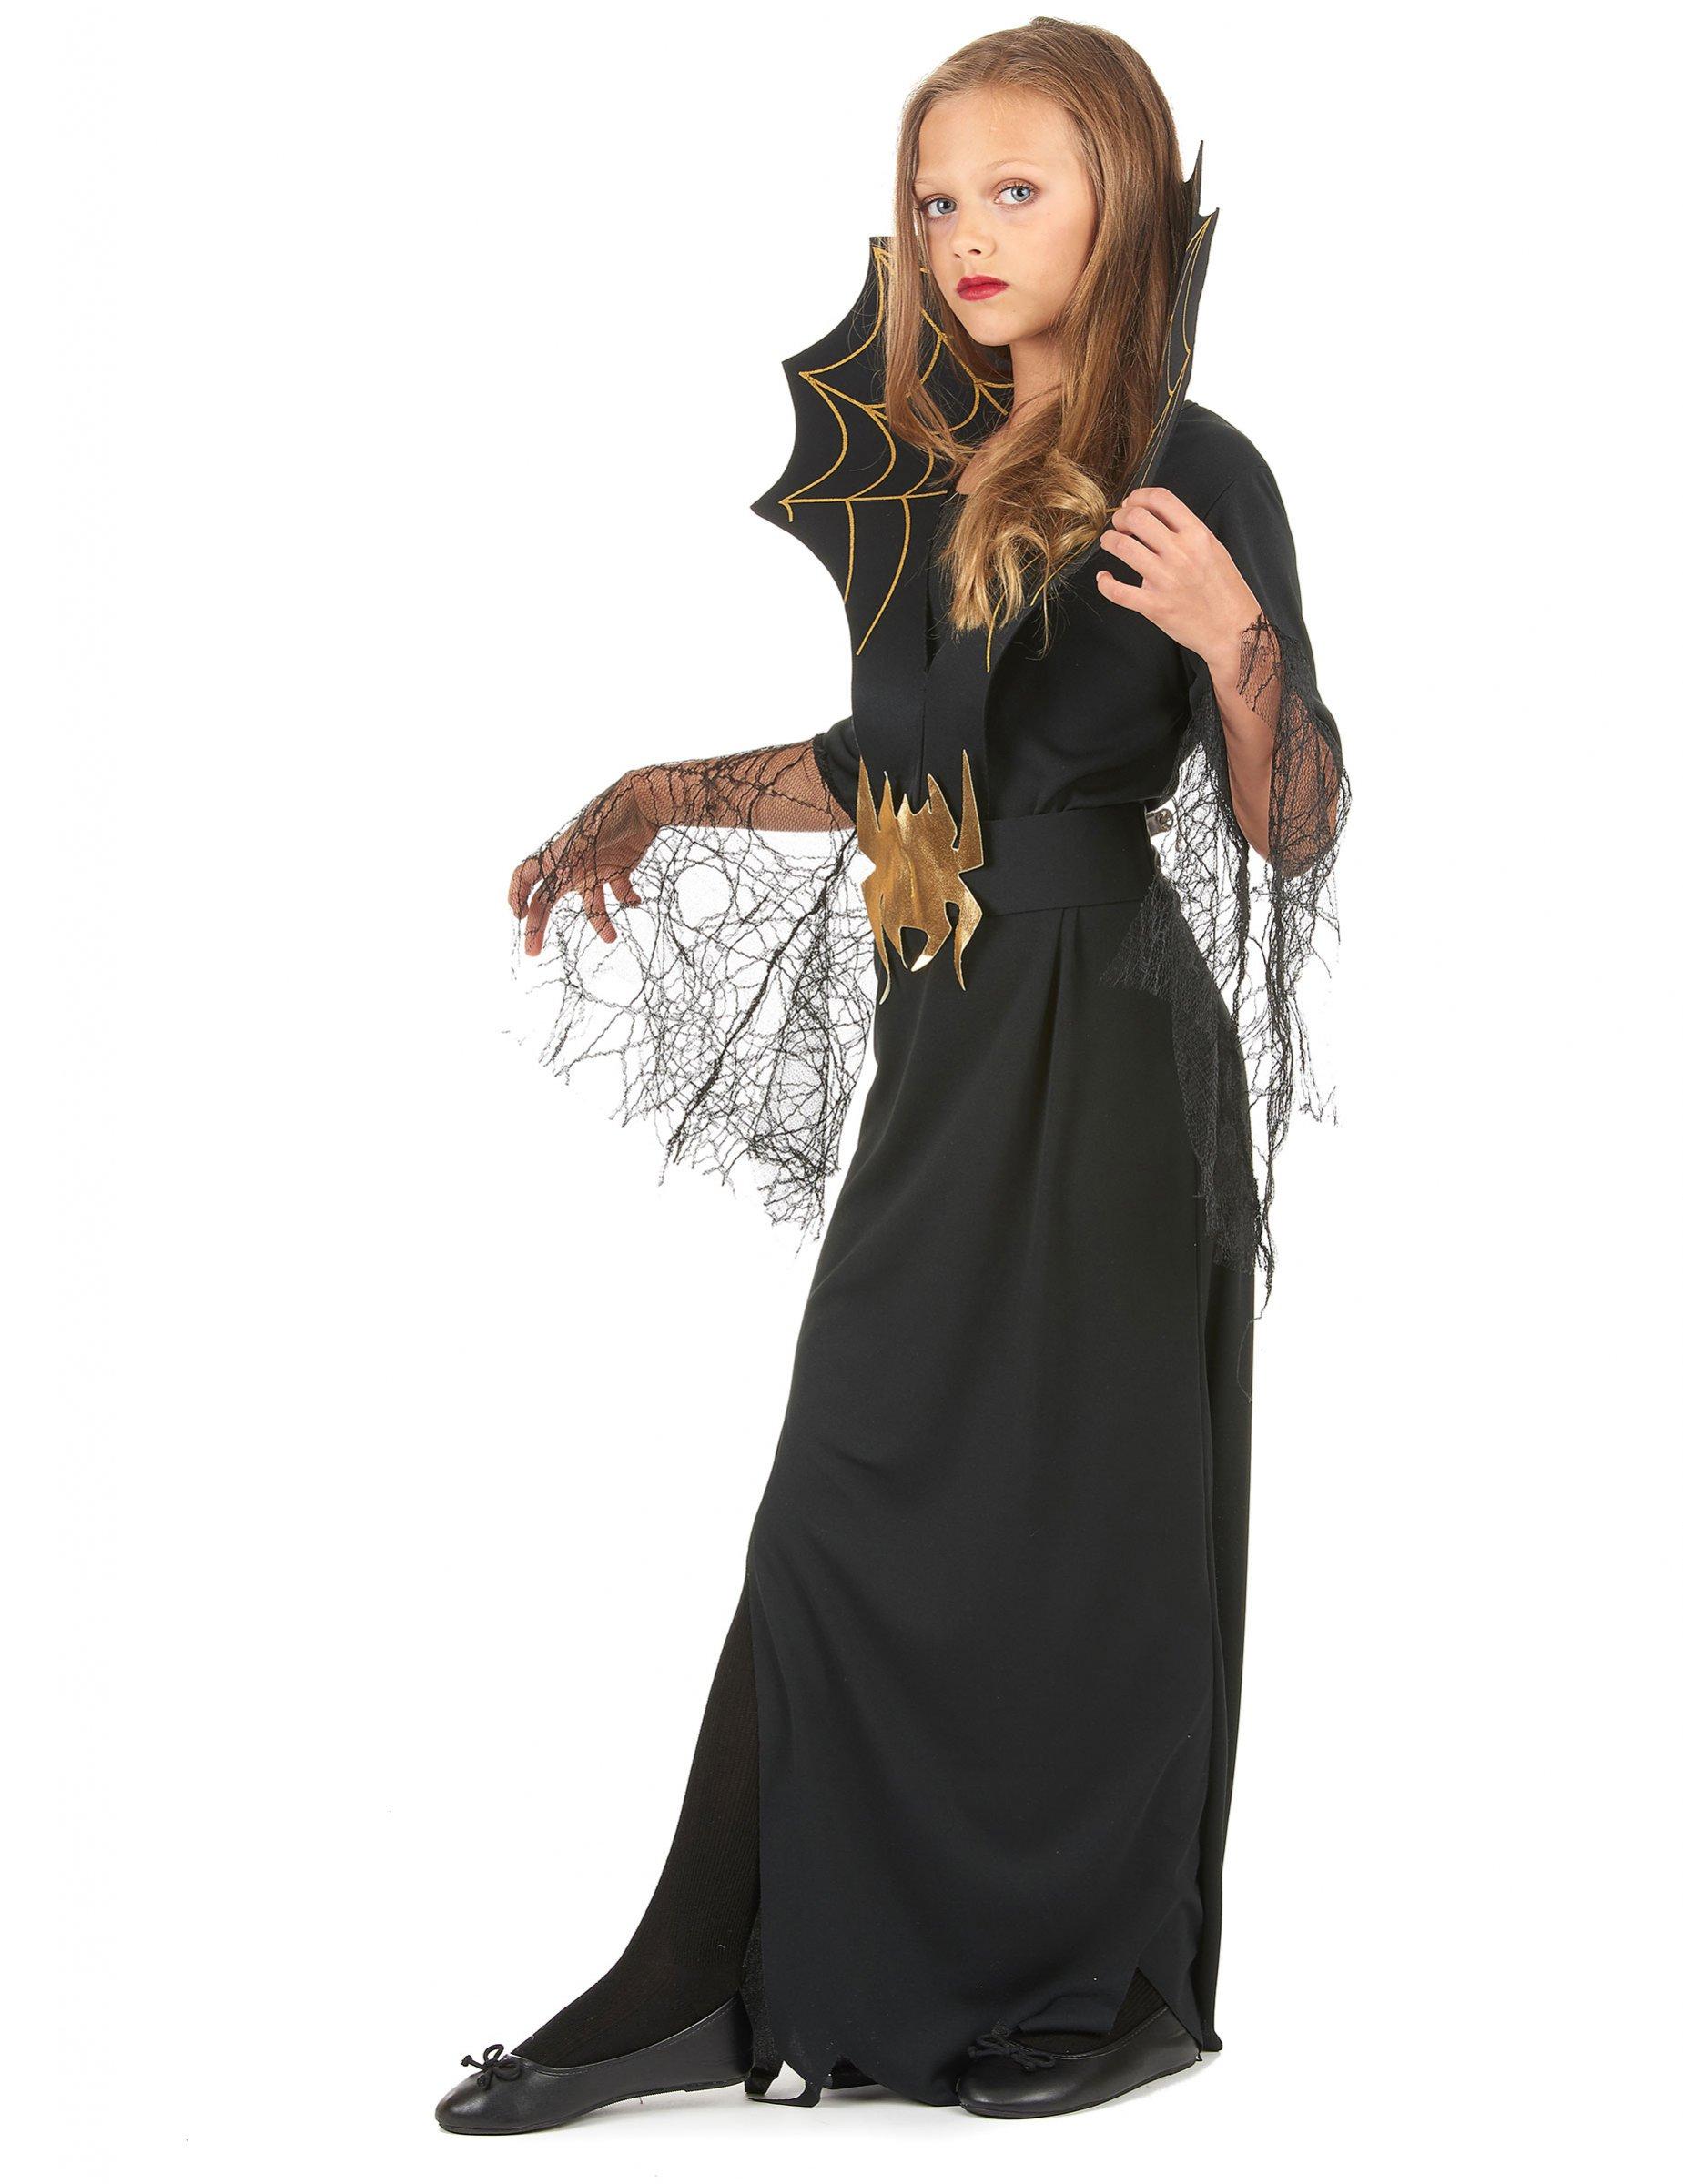 Costume strega ragno bambina Halloween su VegaooParty 658211a92275